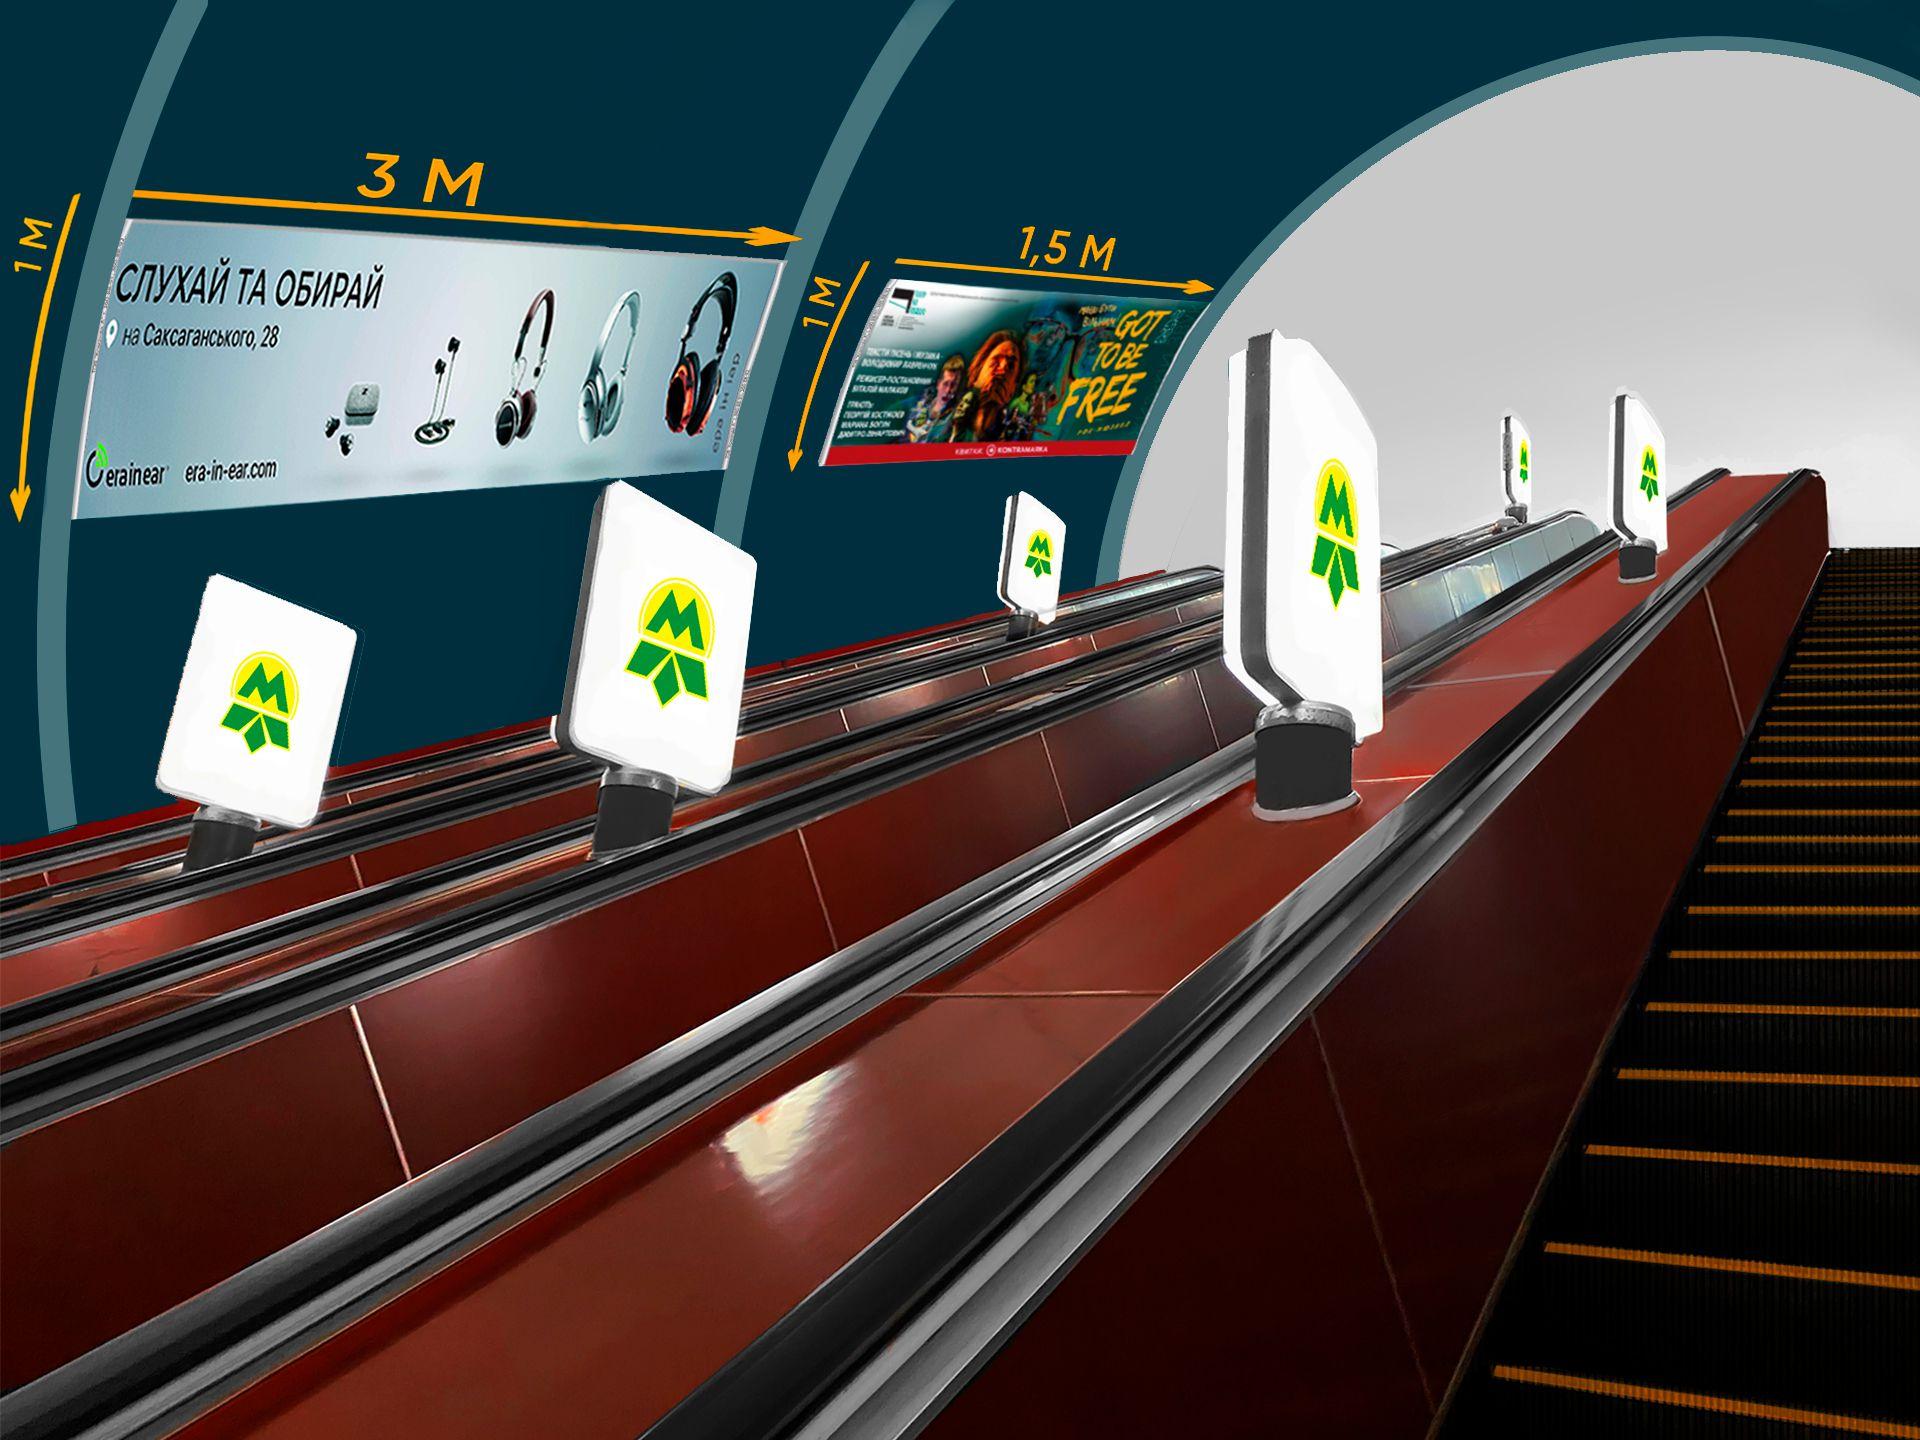 Маємо декілька доступних розмірів плакатів для розміщення вашої реклами на ескалаторних схилах київського метро!